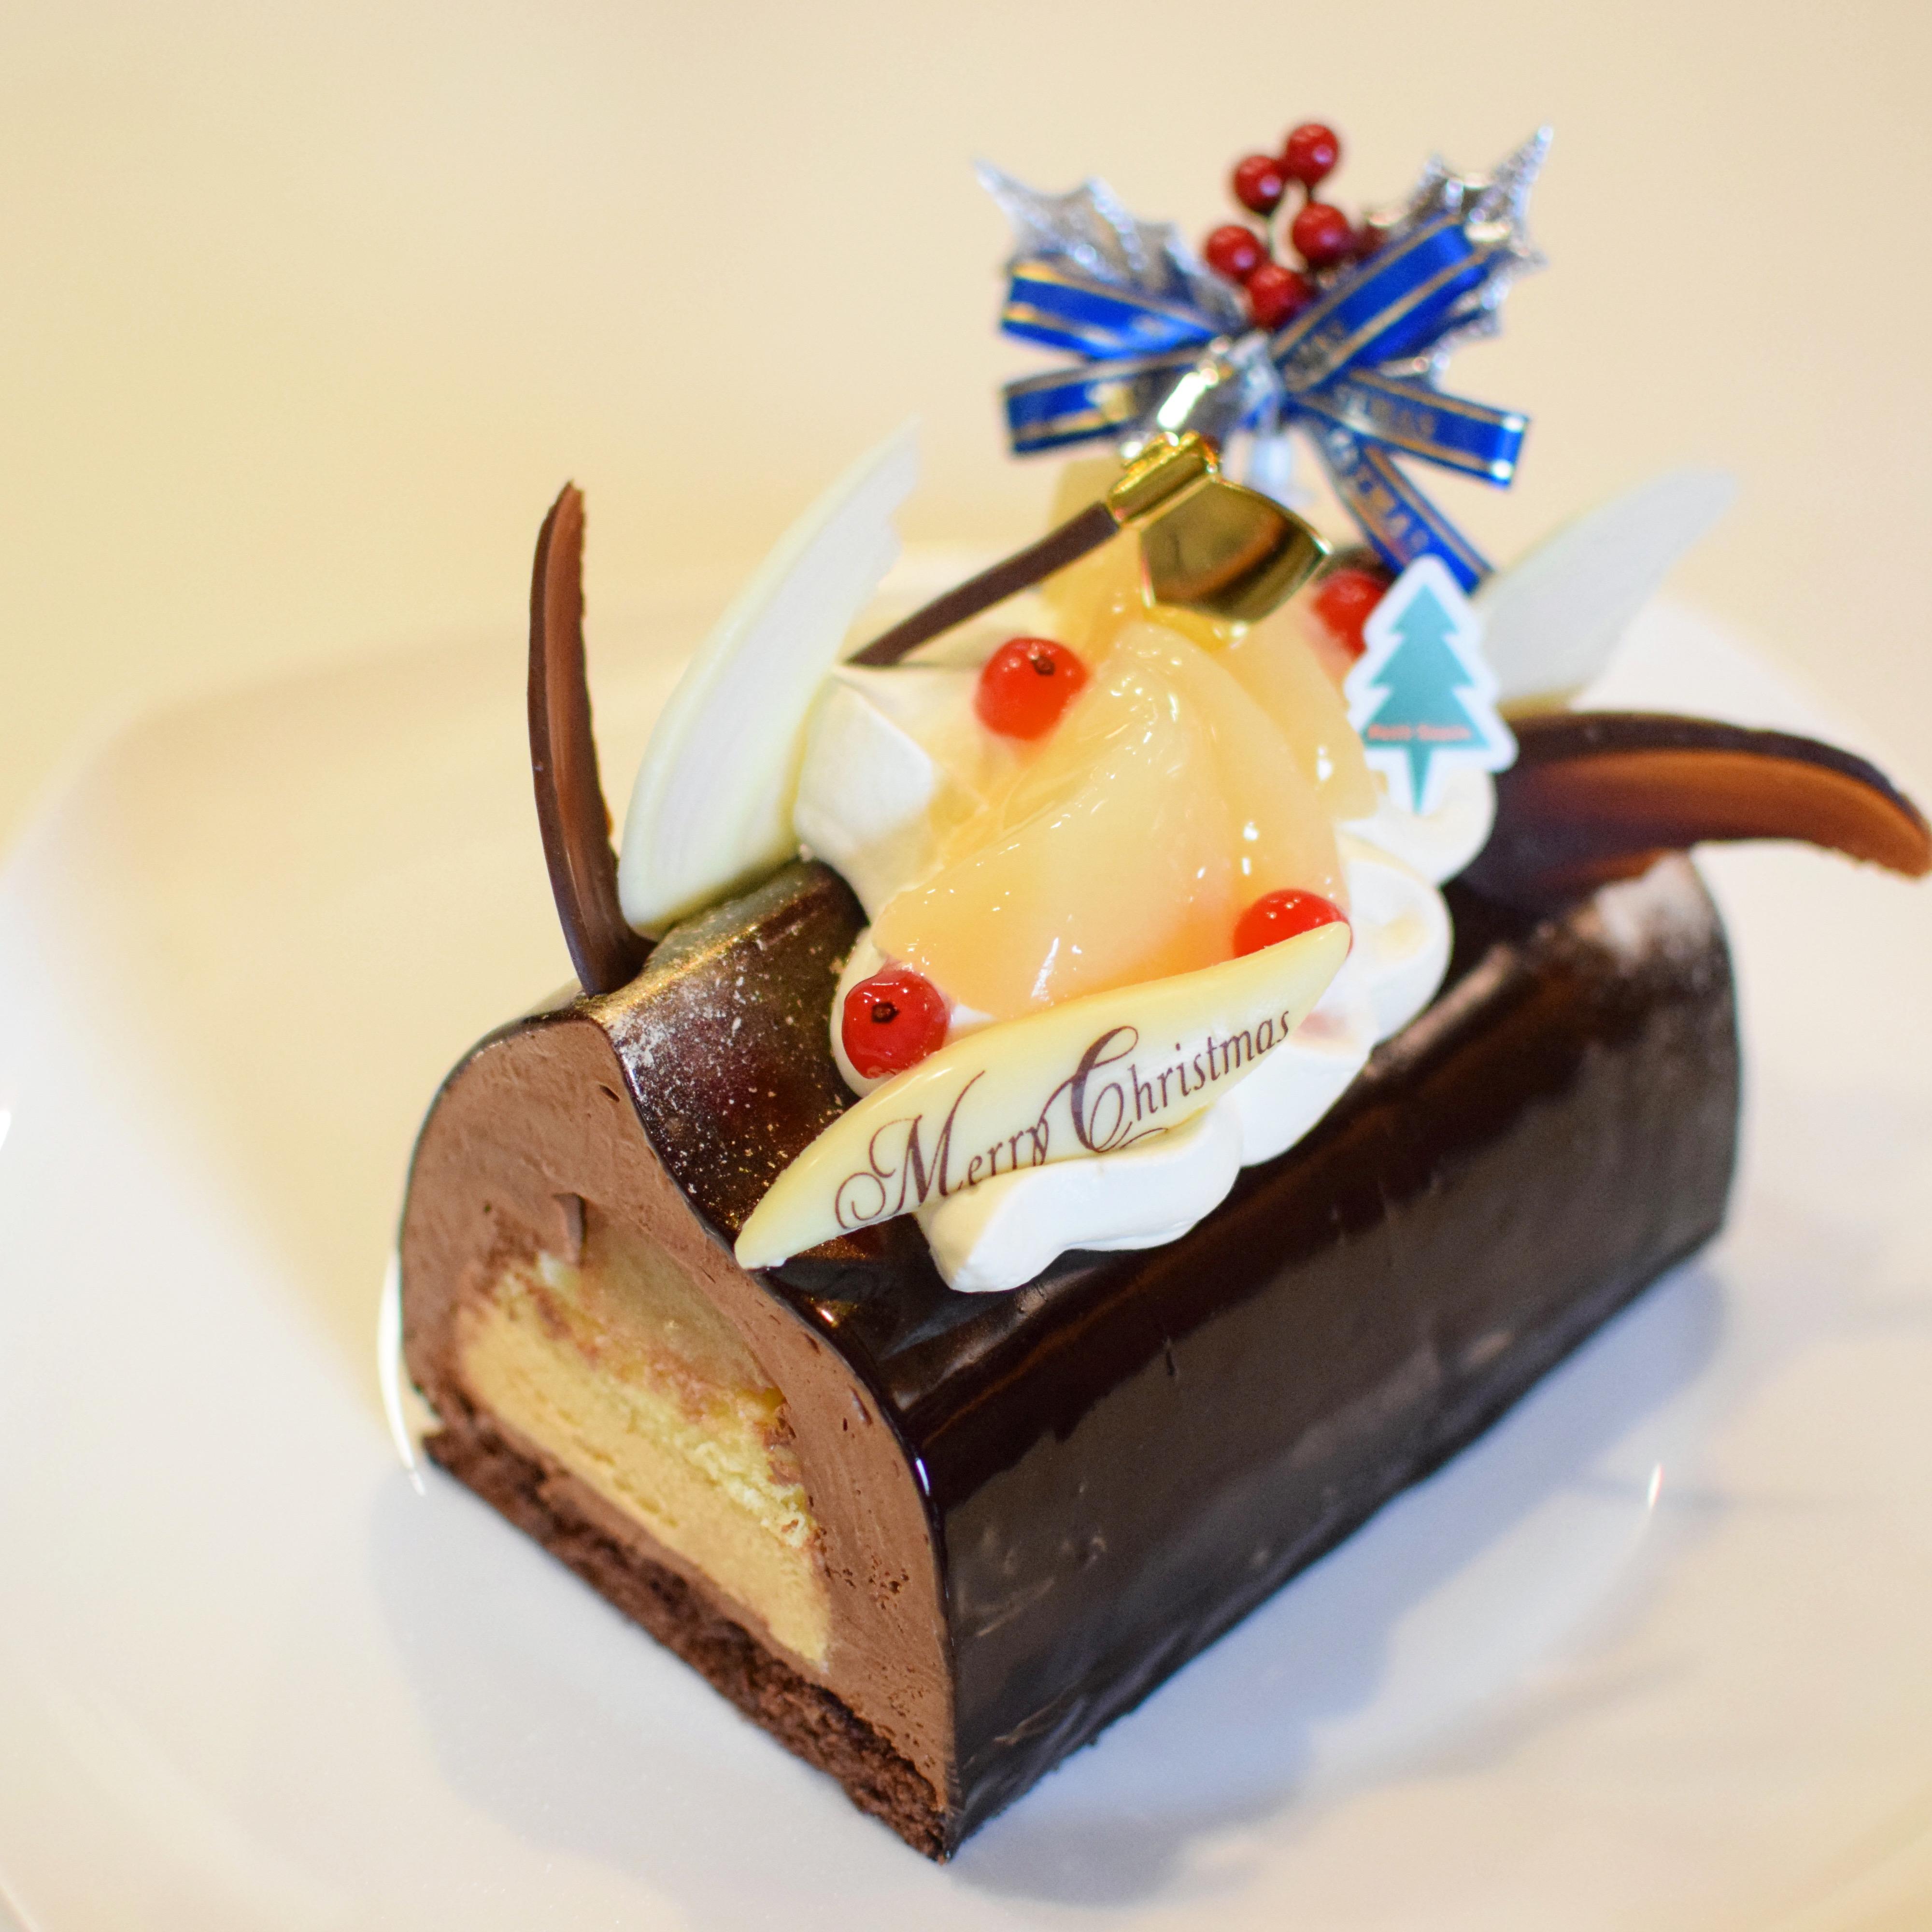 クリスマスケーキ画像 ガトーショコラ